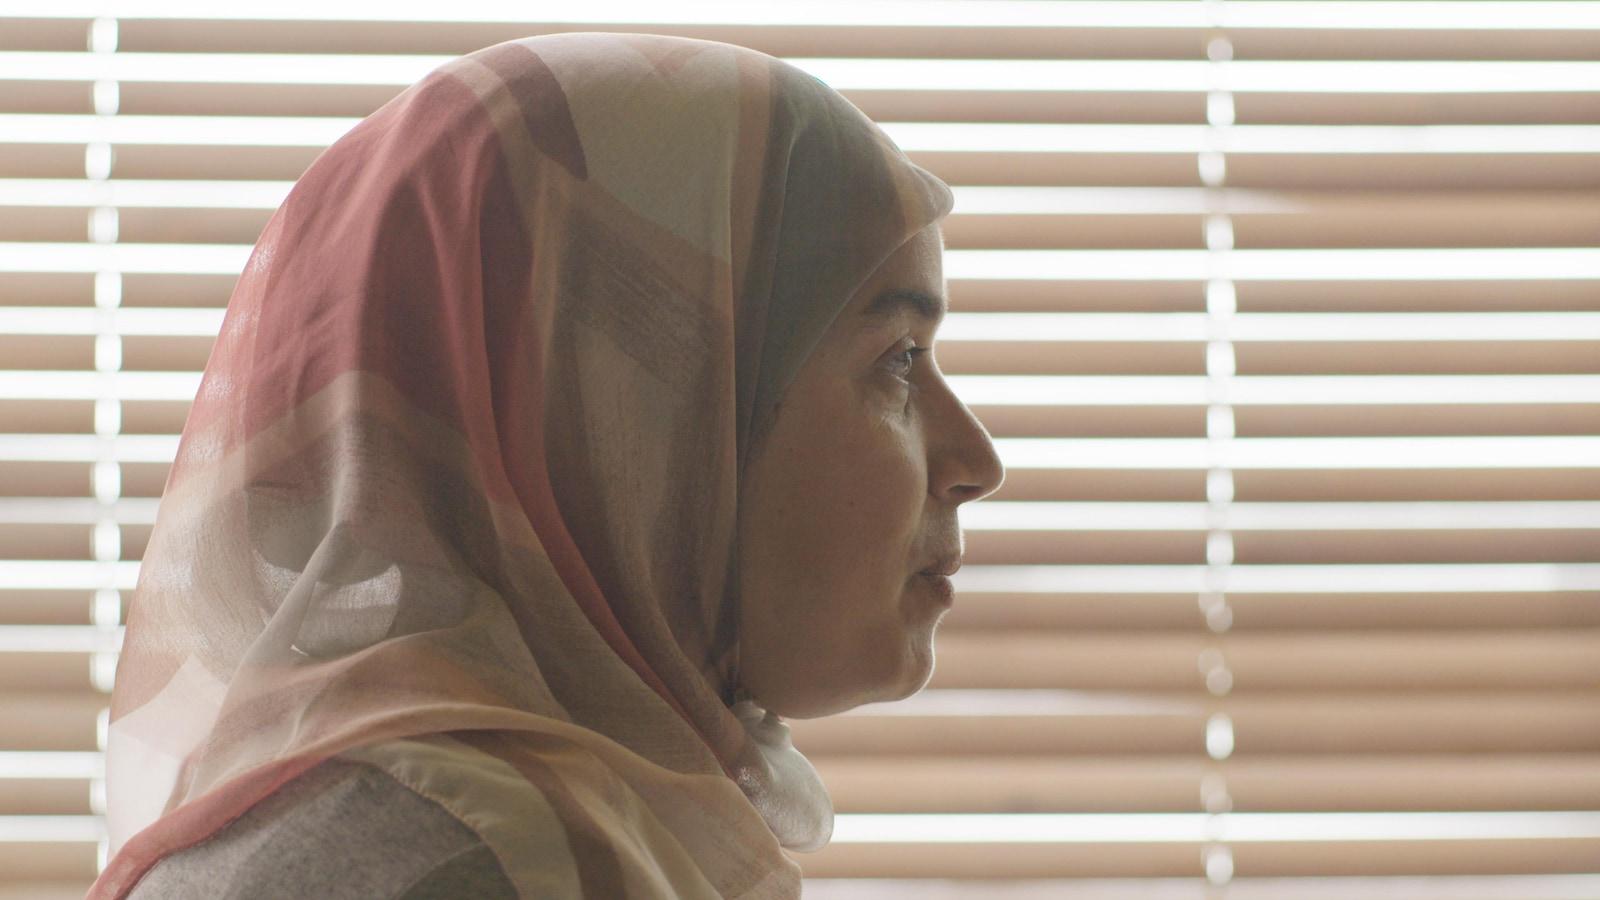 Une femme portant un hijab de profil devant des stores.